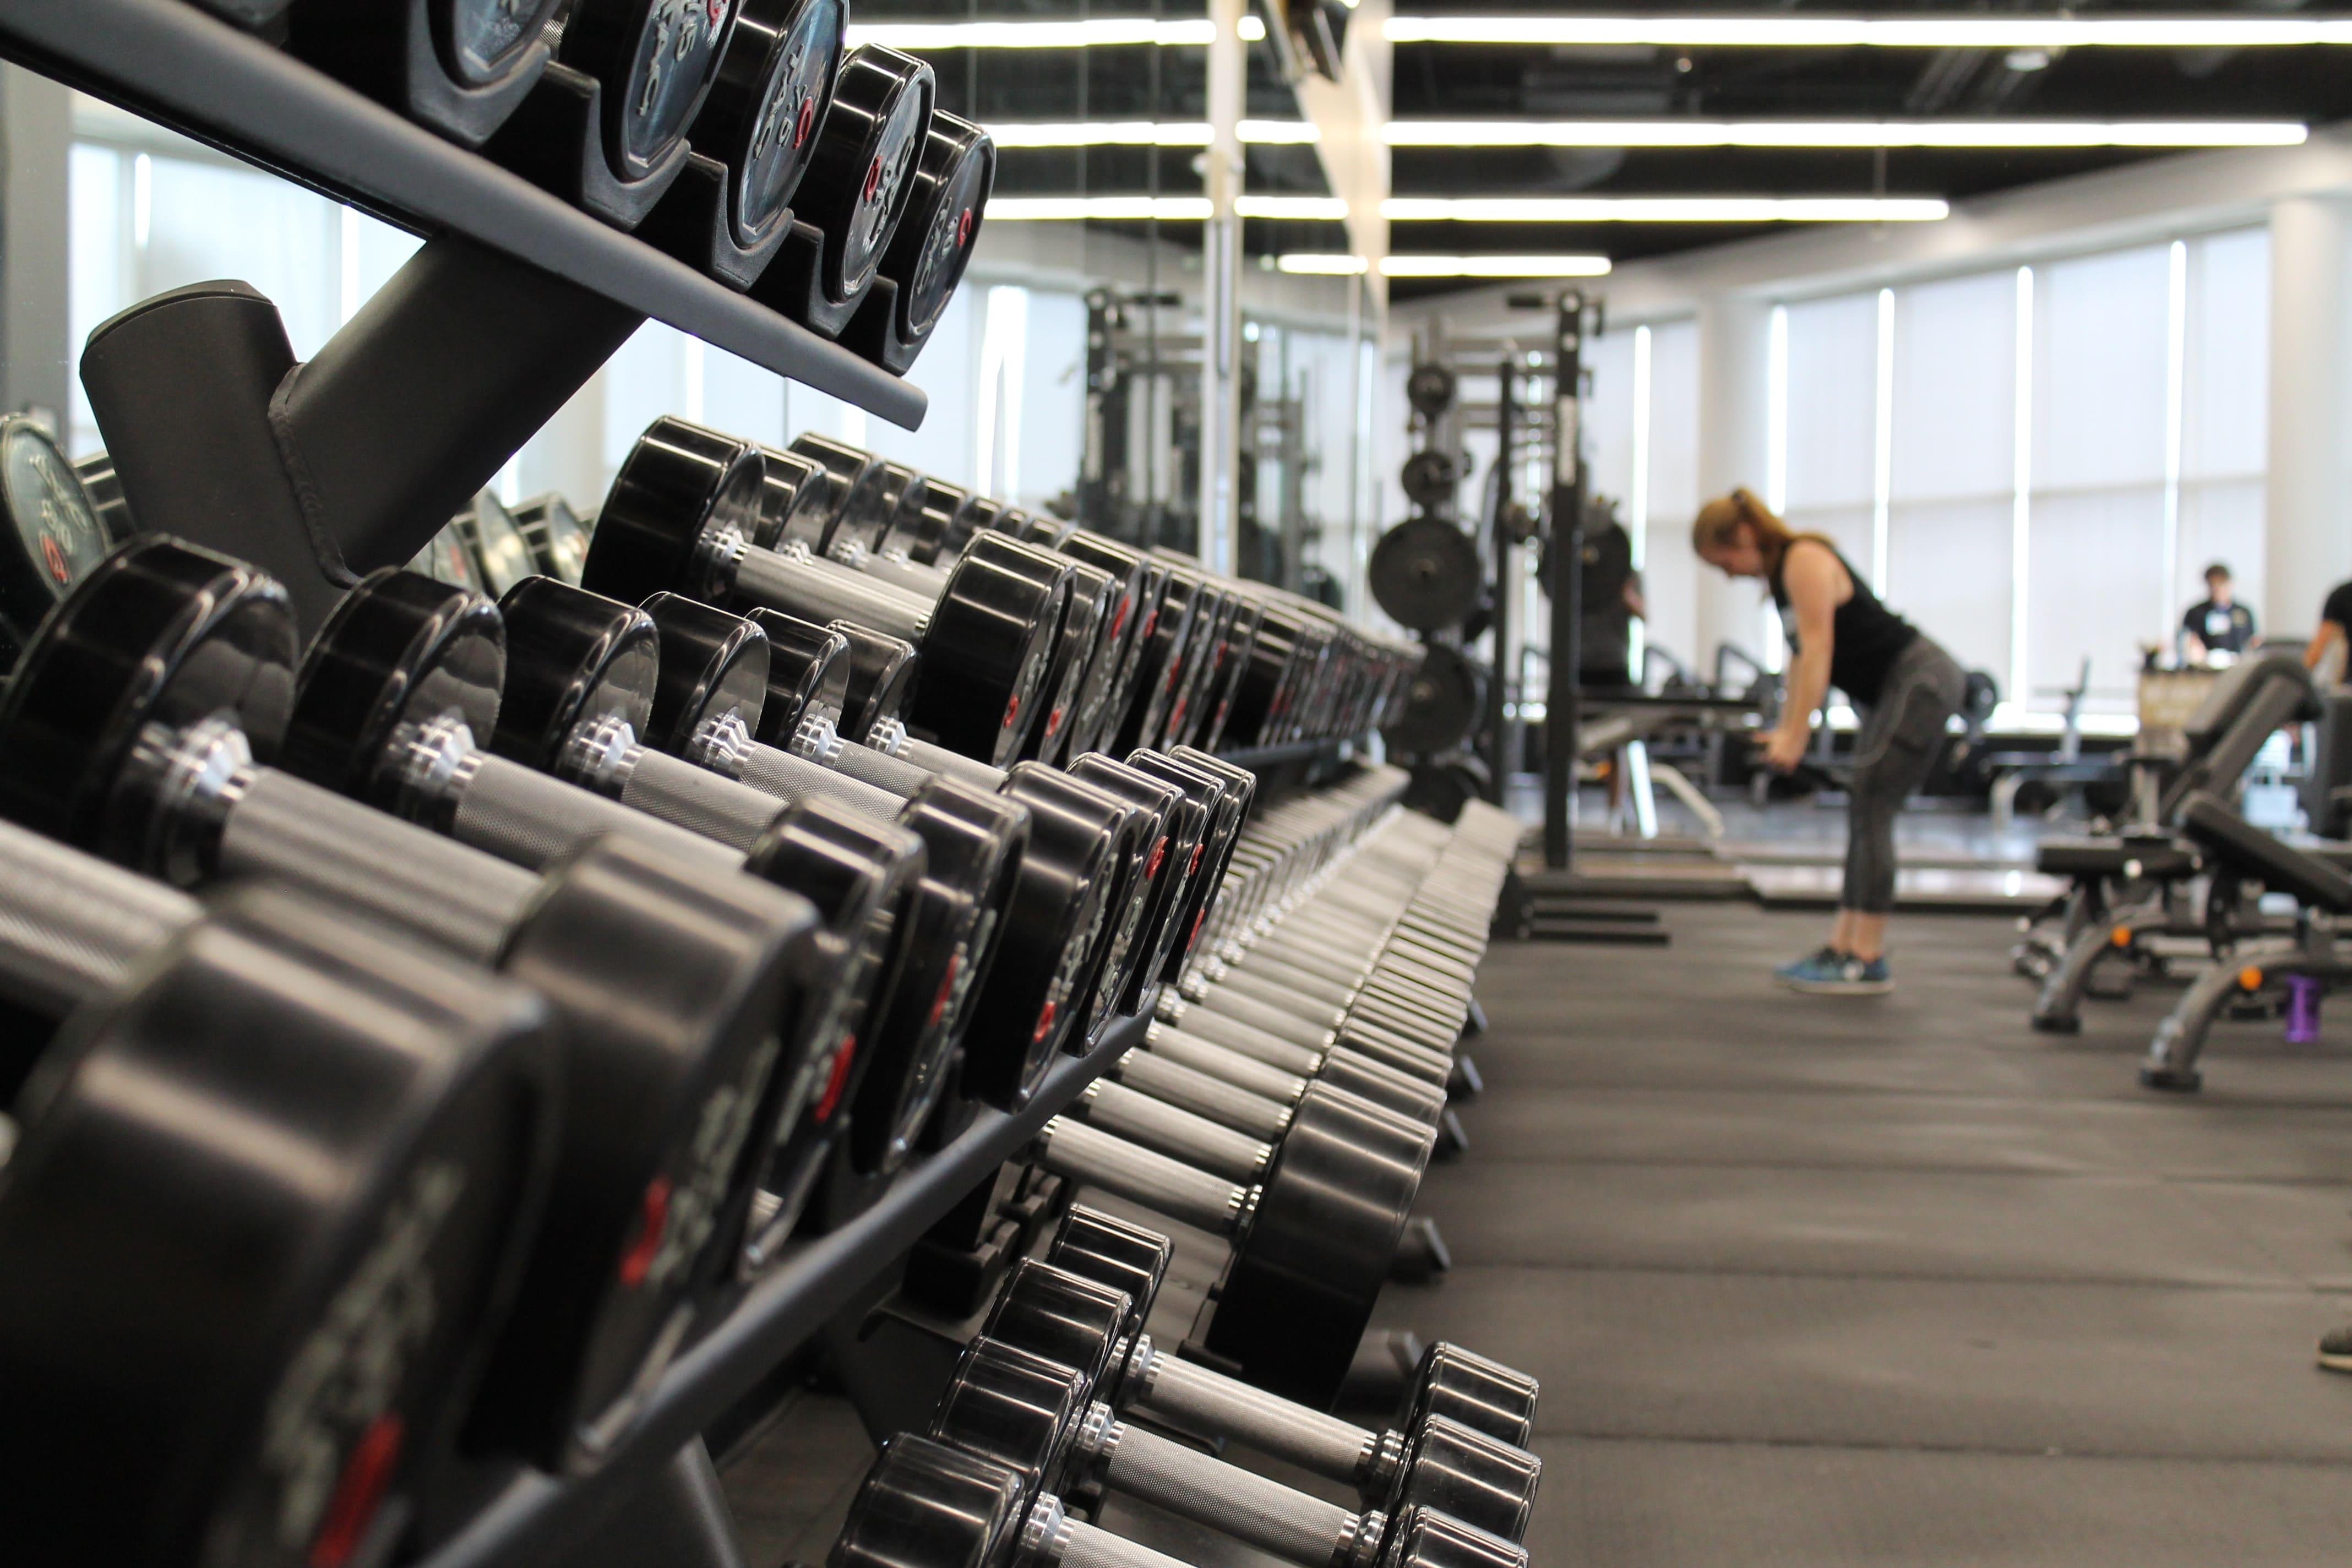 Ley de deporte acondicionamiento fisico en Cesur